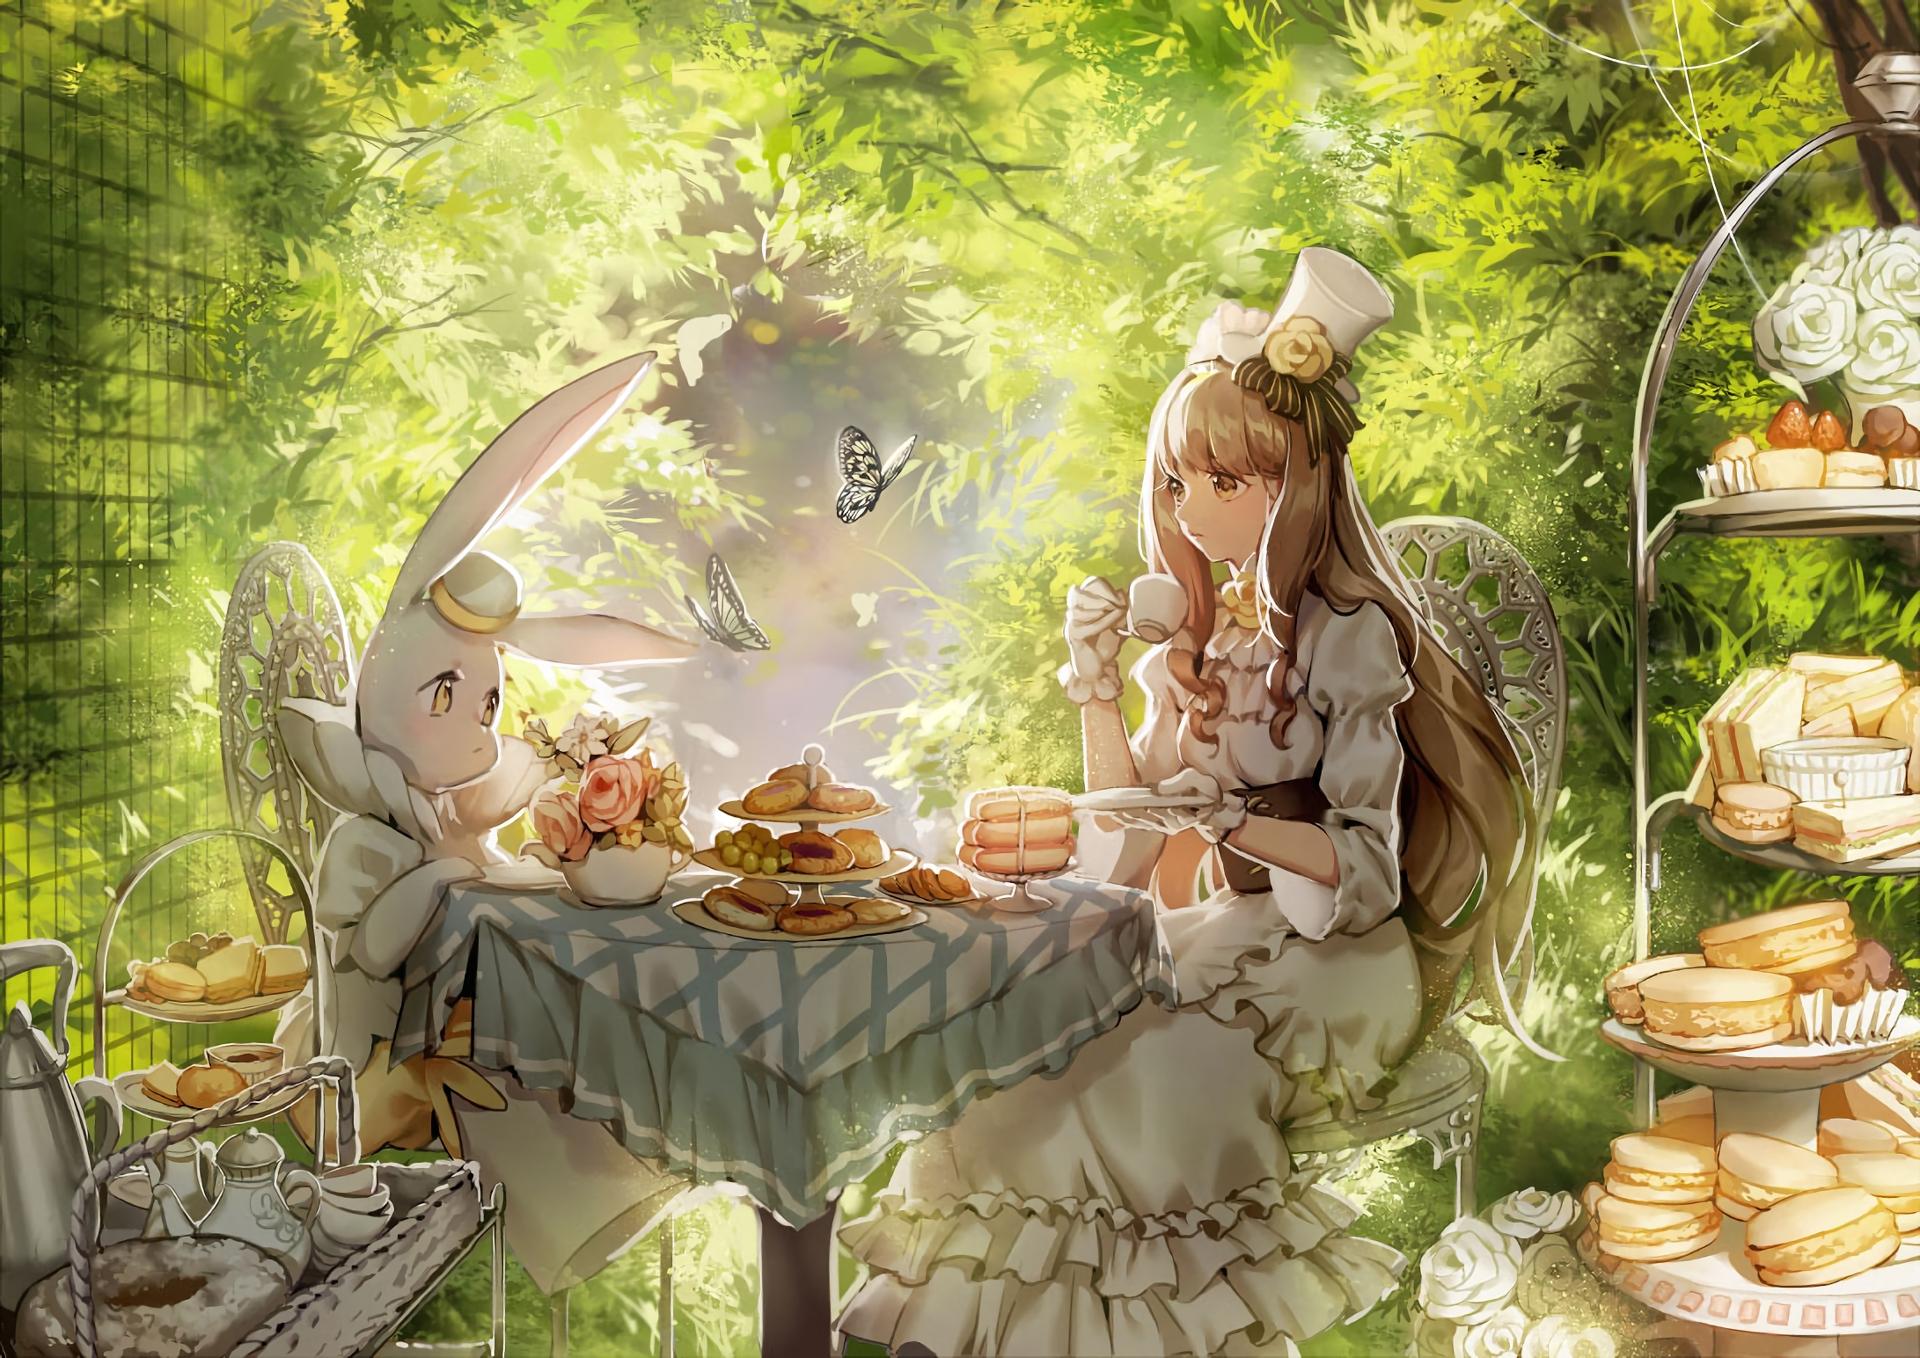 【P站画师】日本画师Nyanko-sensei的插画作品